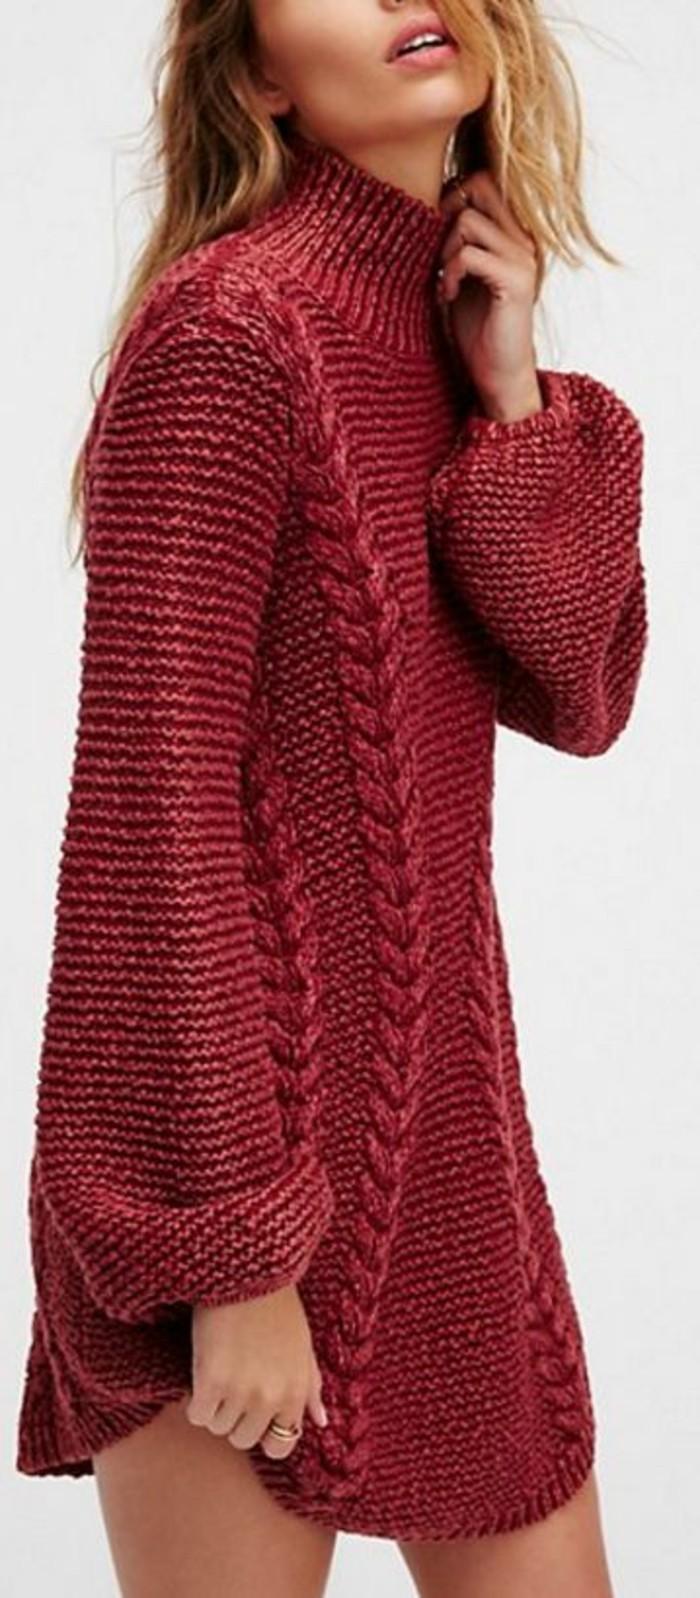 robe-laine-mini-en-couleur-corail